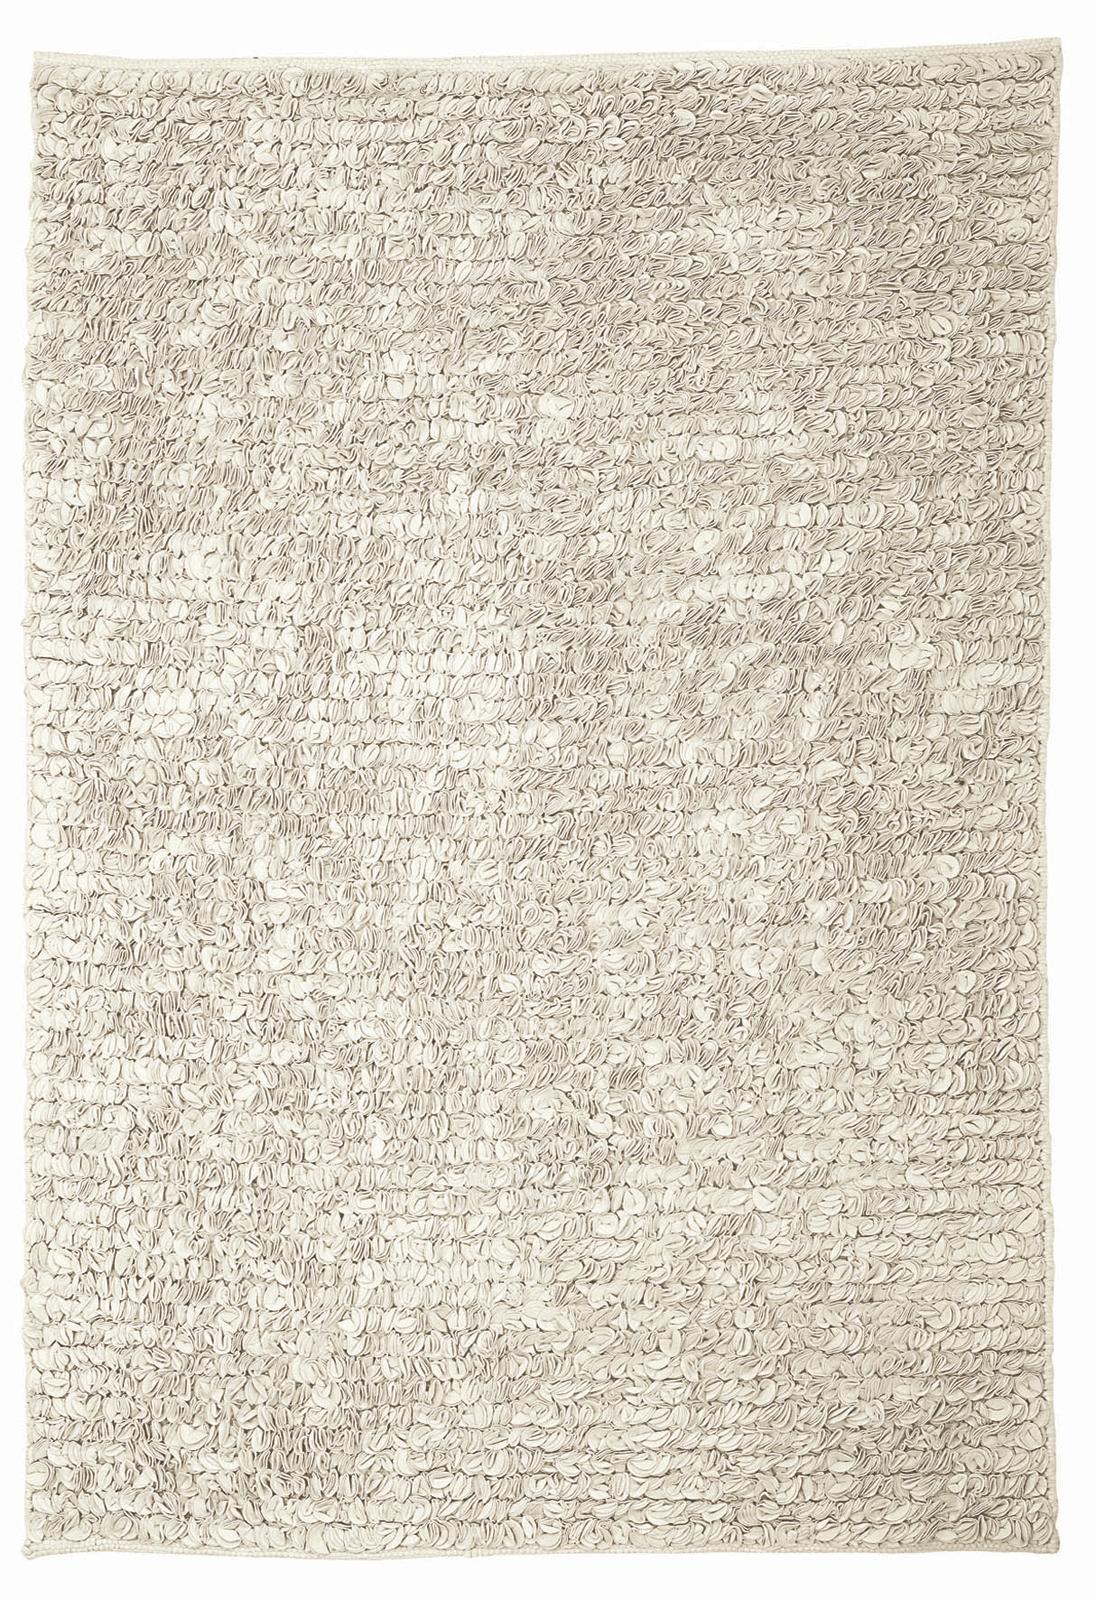 Dolce rug by Martín Azúa and Gerard Moliné